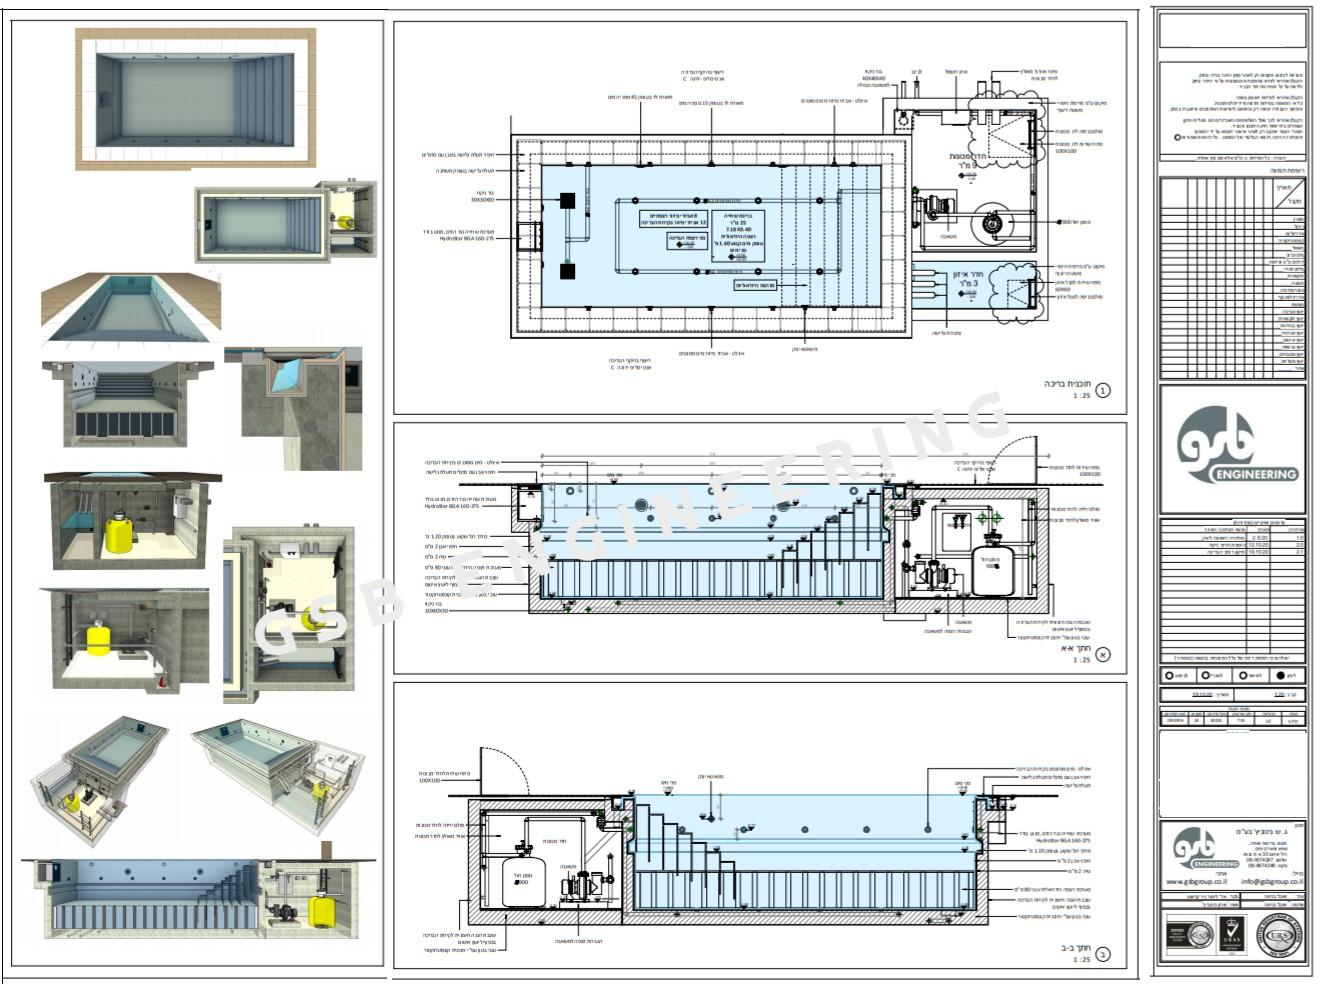 תכנון בריכה פרטית עם מנגנון הידראולי (רצפה + מדרגות)